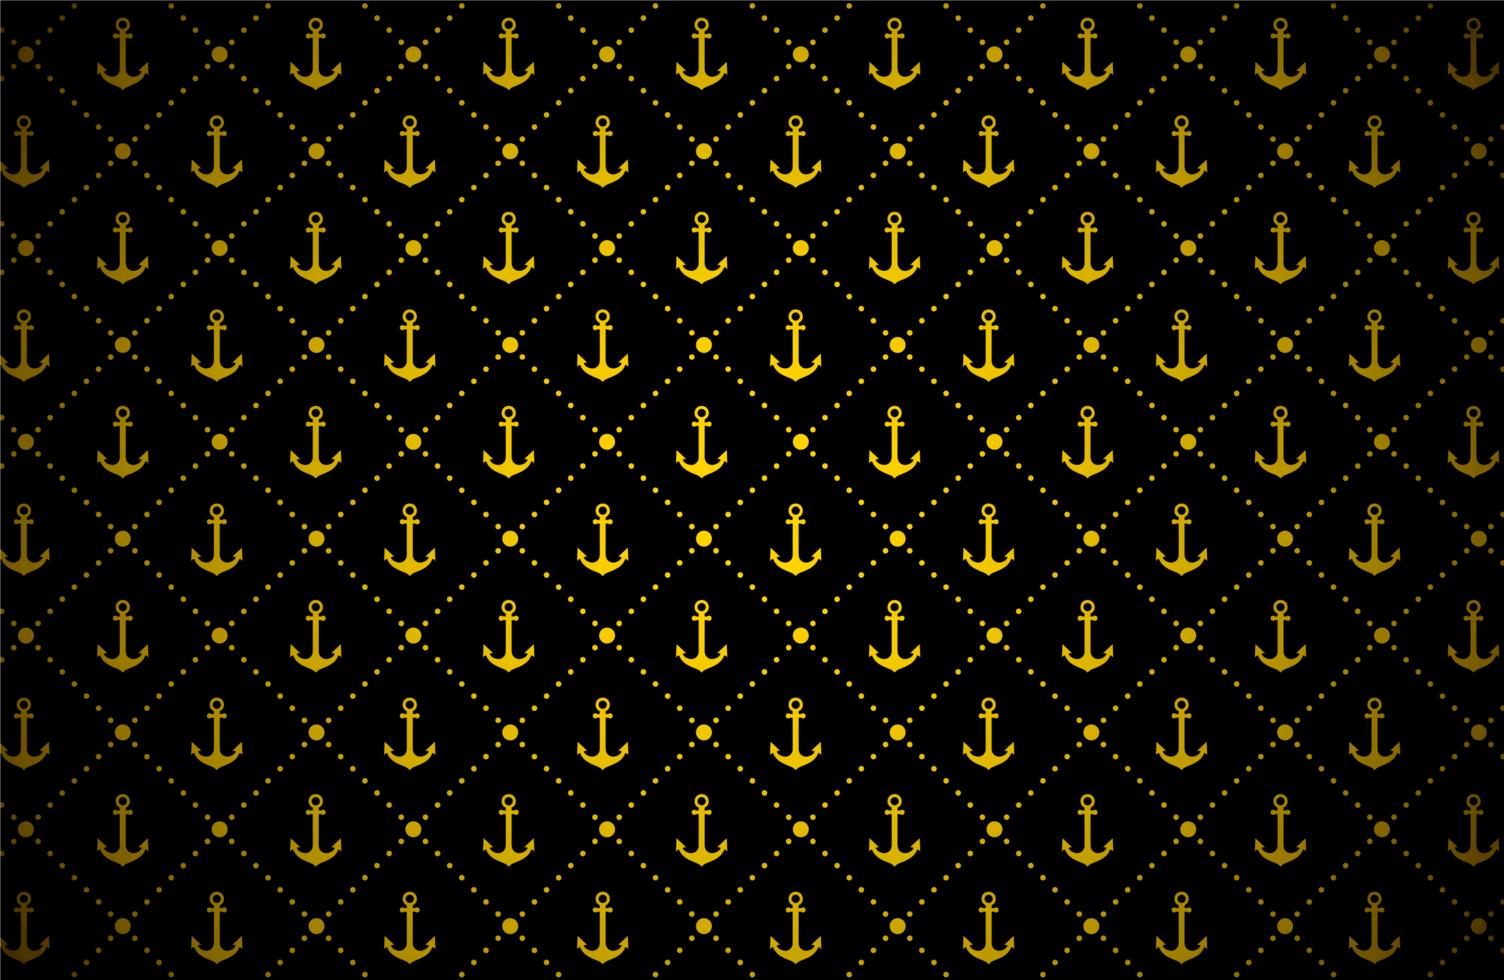 motif d'ancrage doré sur fond noir vecteur